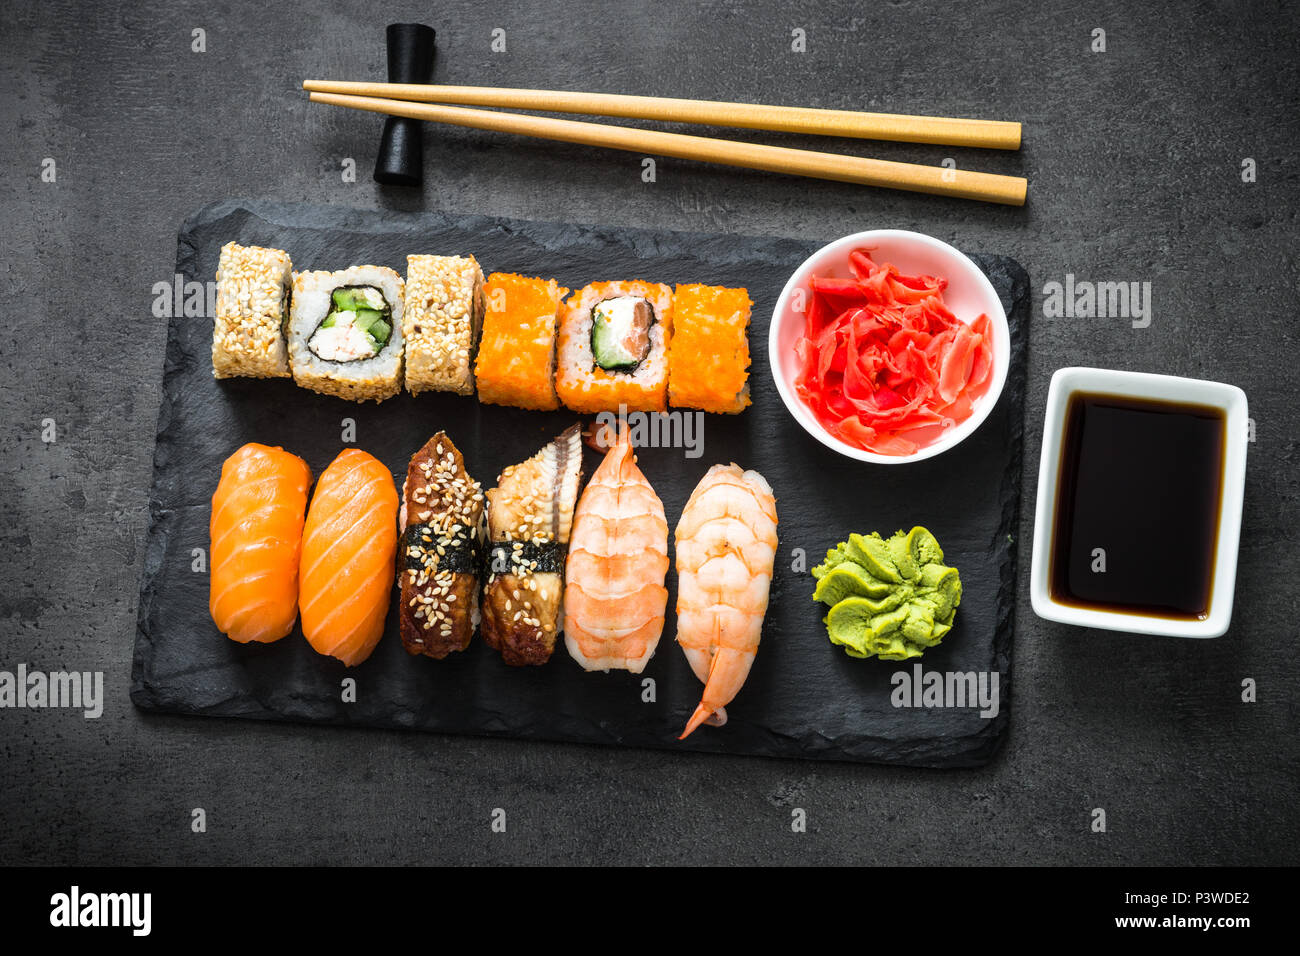 Sushi y sushi roll establecido en black mesa de piedra vista desde arriba. La comida asiática tradicional. Imagen De Stock